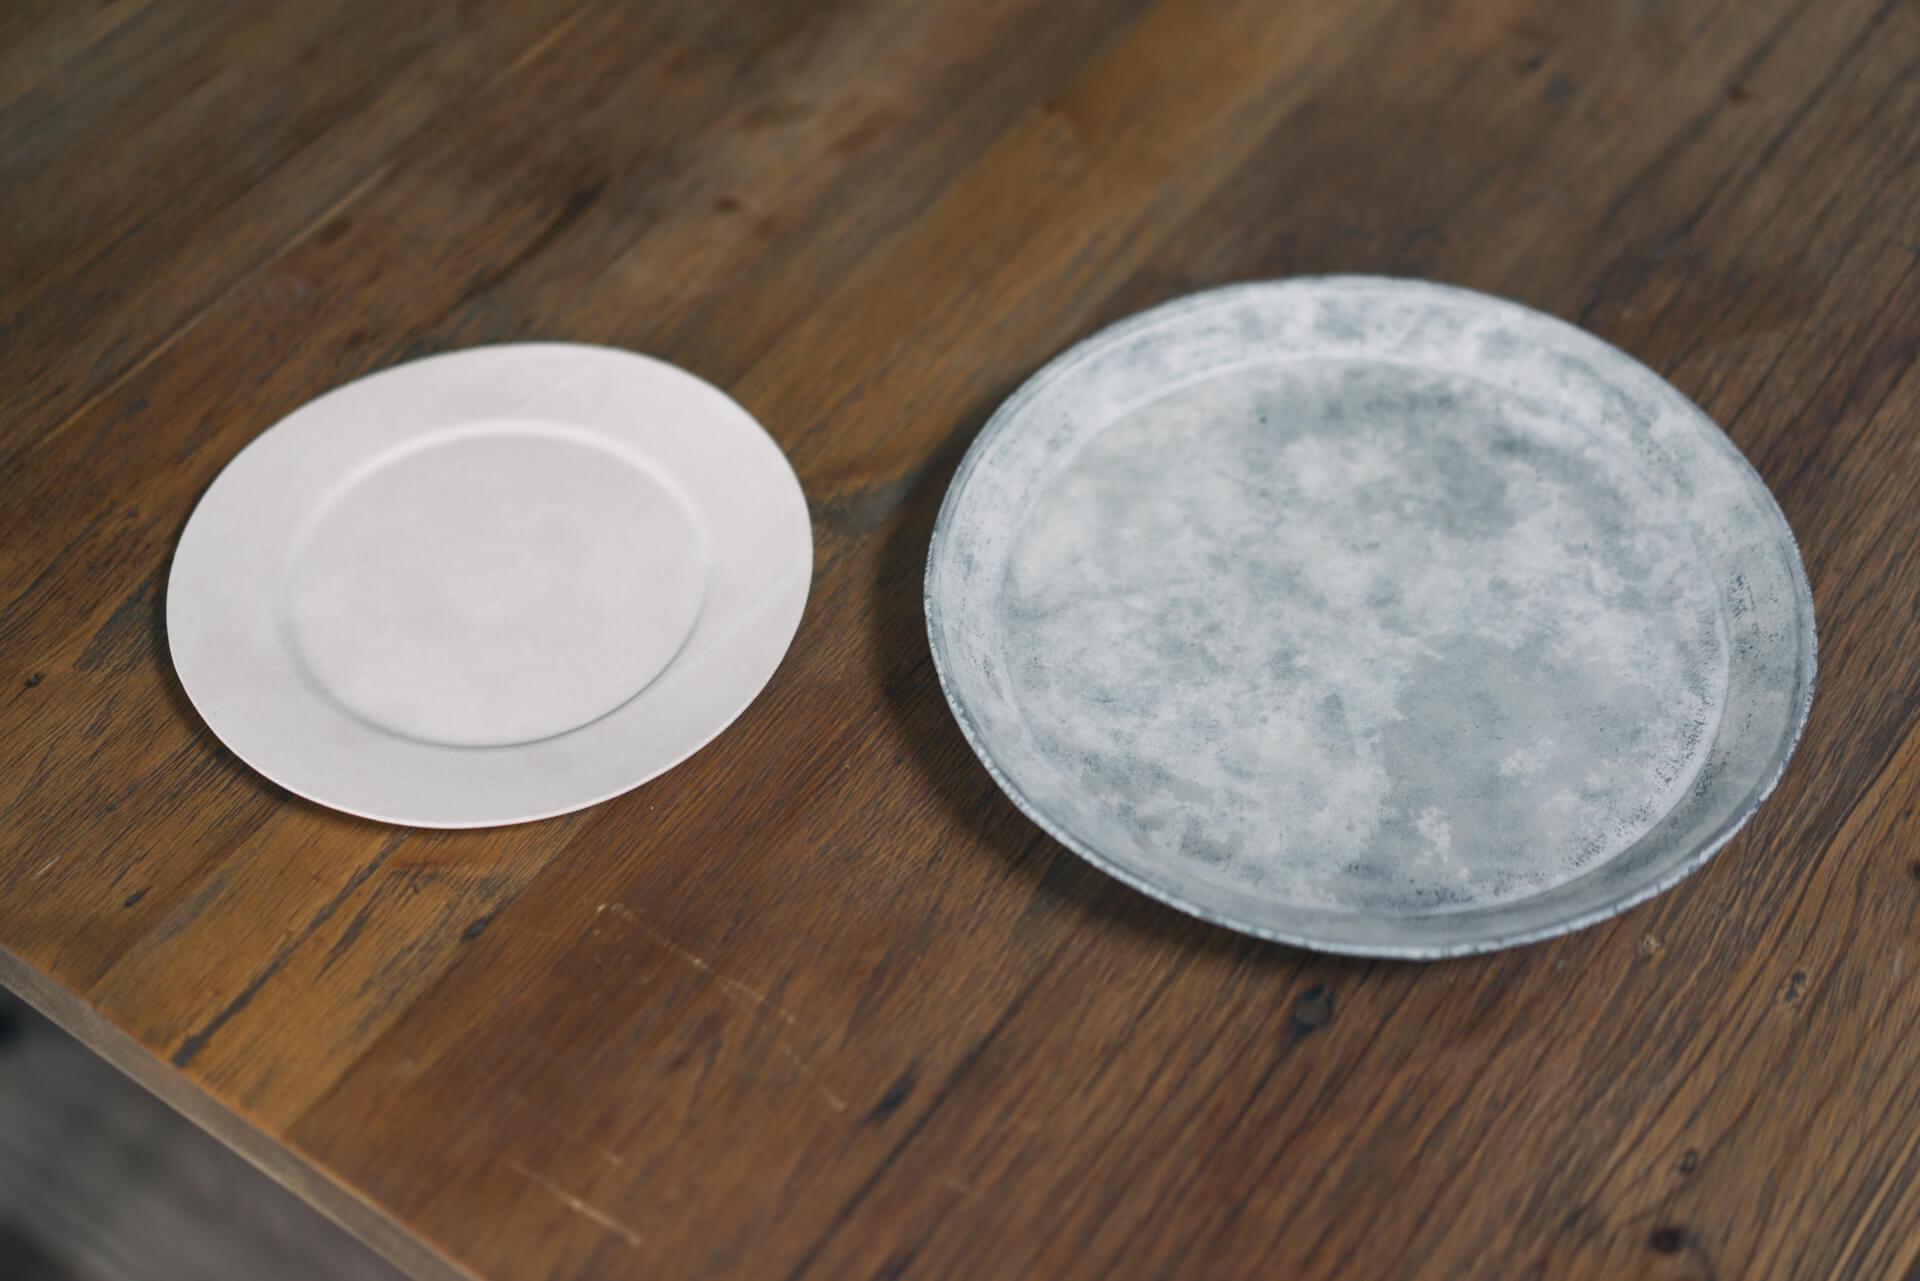 淡い色彩の中にも陰影が美しい、吉田次朗さん(http://www.yoshidajiro.com/)の丸皿。